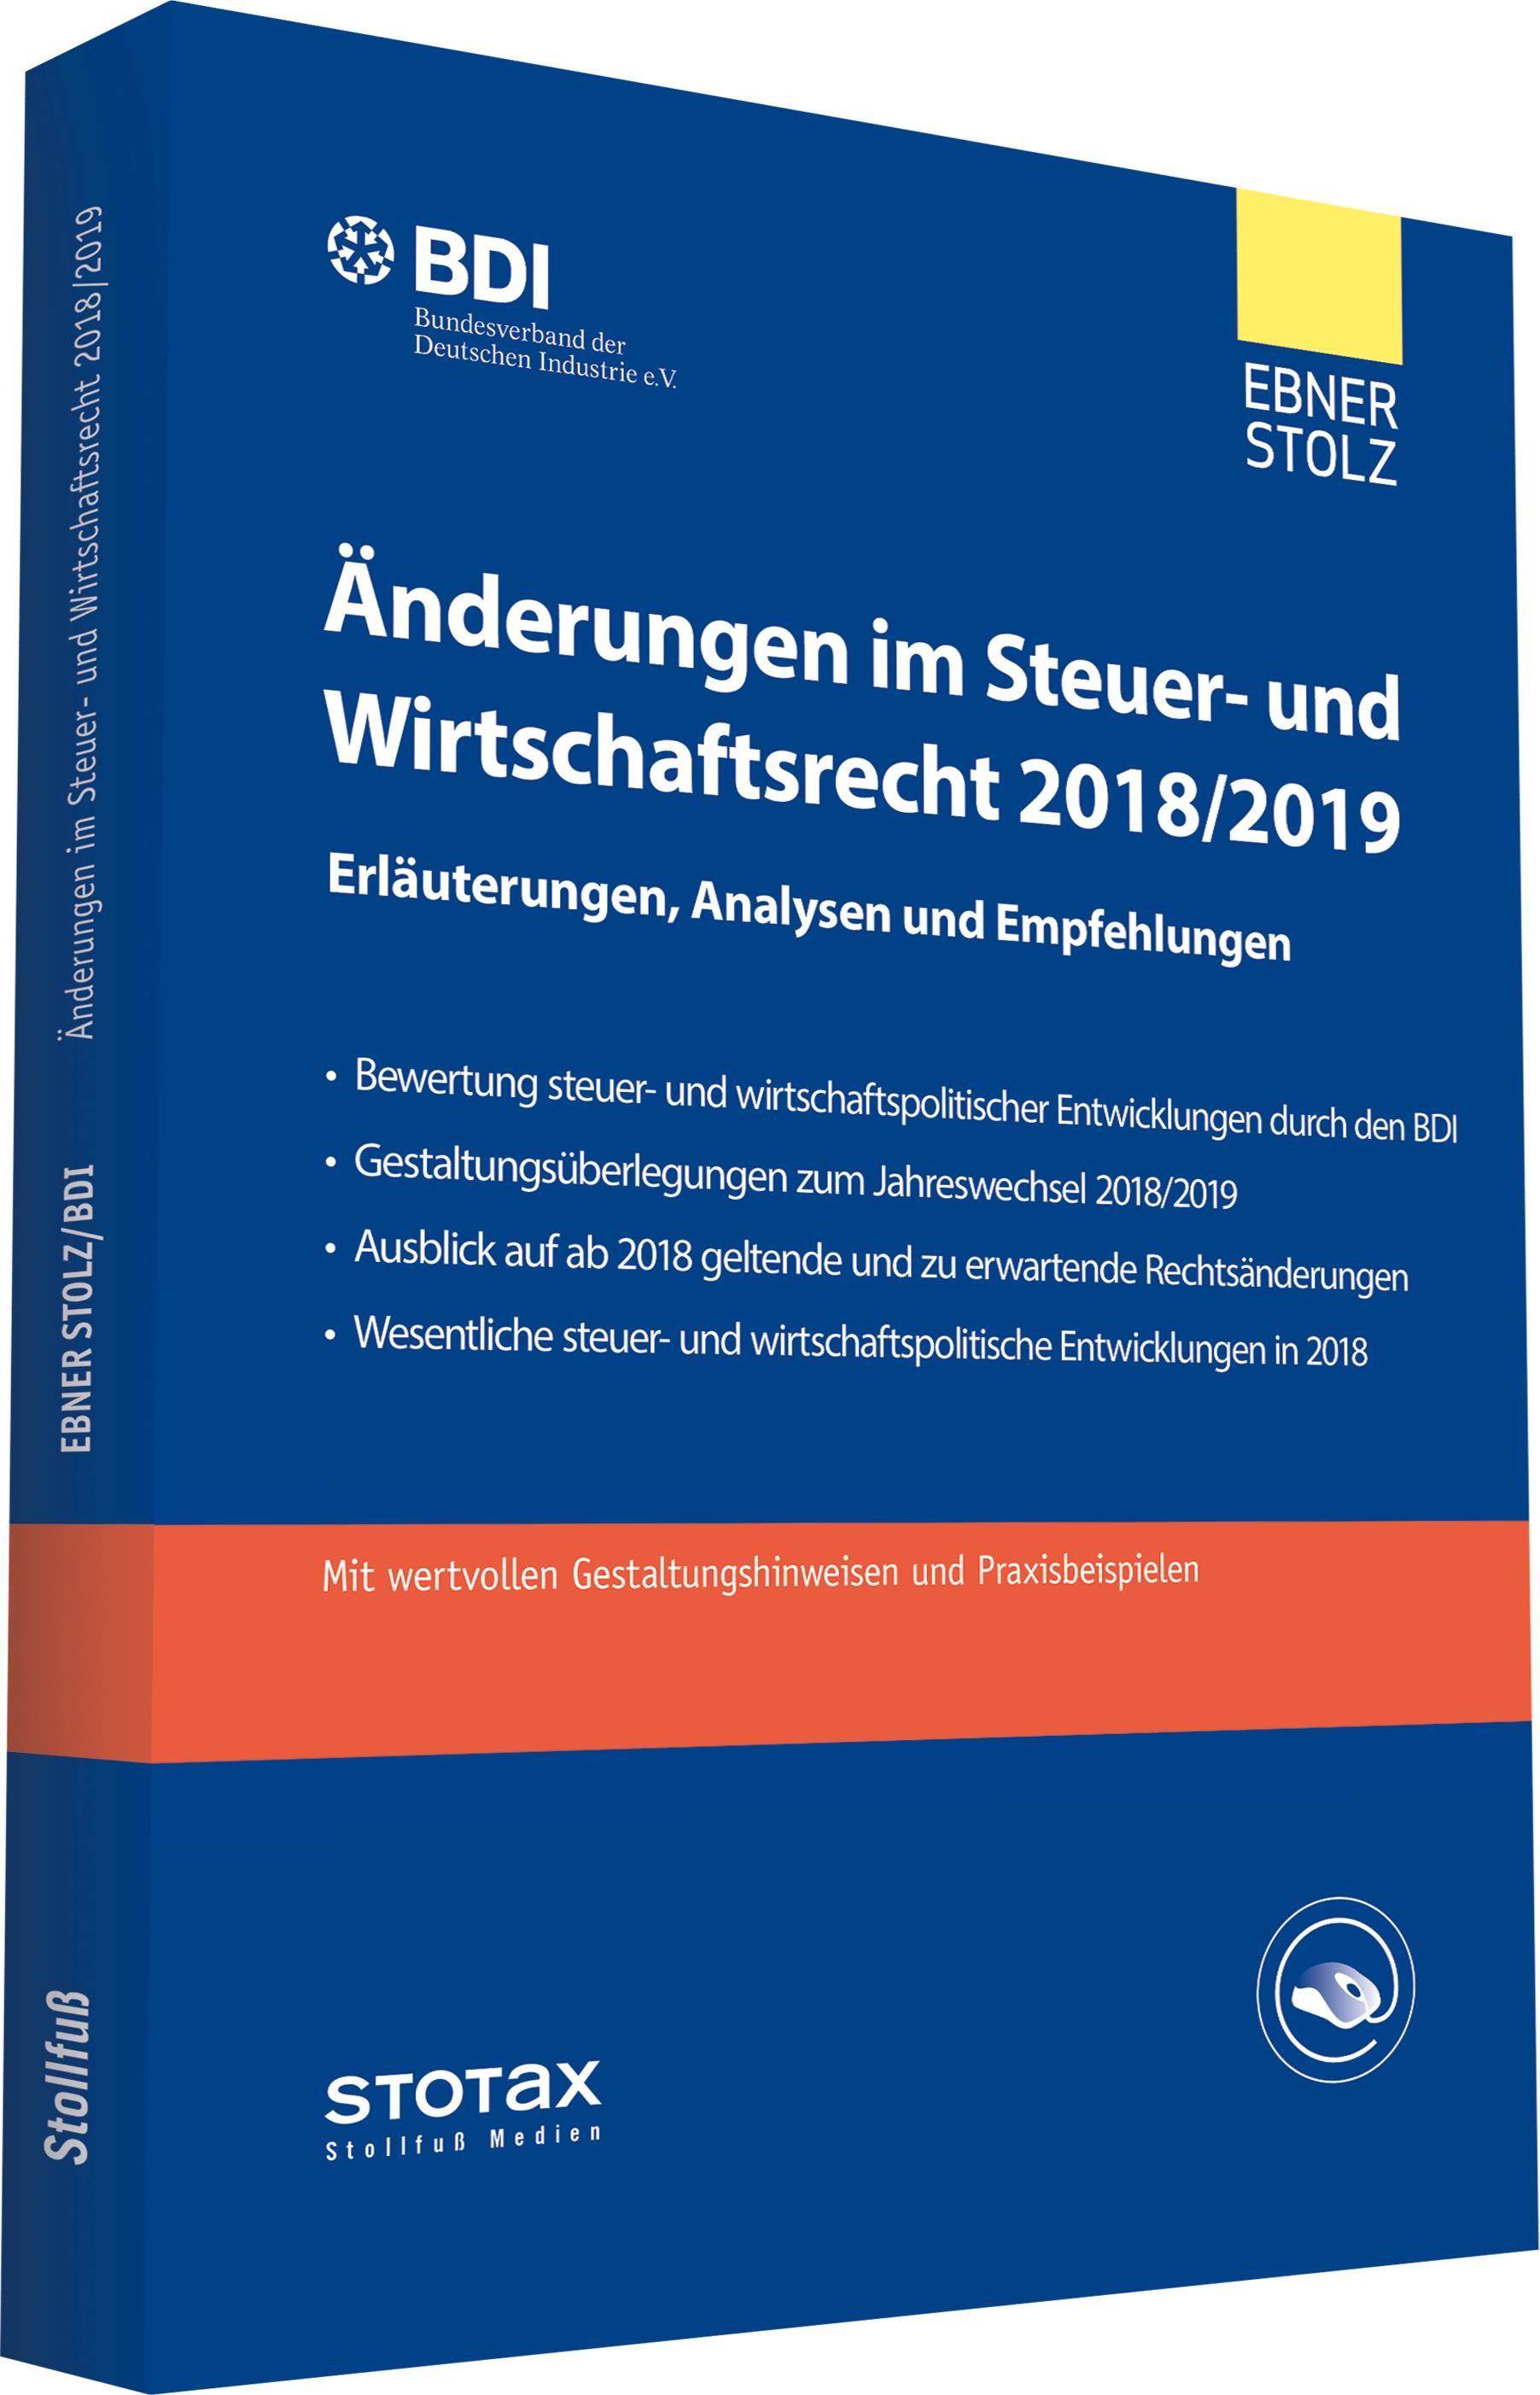 Änderungen im Steuer- und Wirtschaftsrecht 2018/2019 | Ebner Stolz | 6. Auflage, 2018 | Buch (Cover)